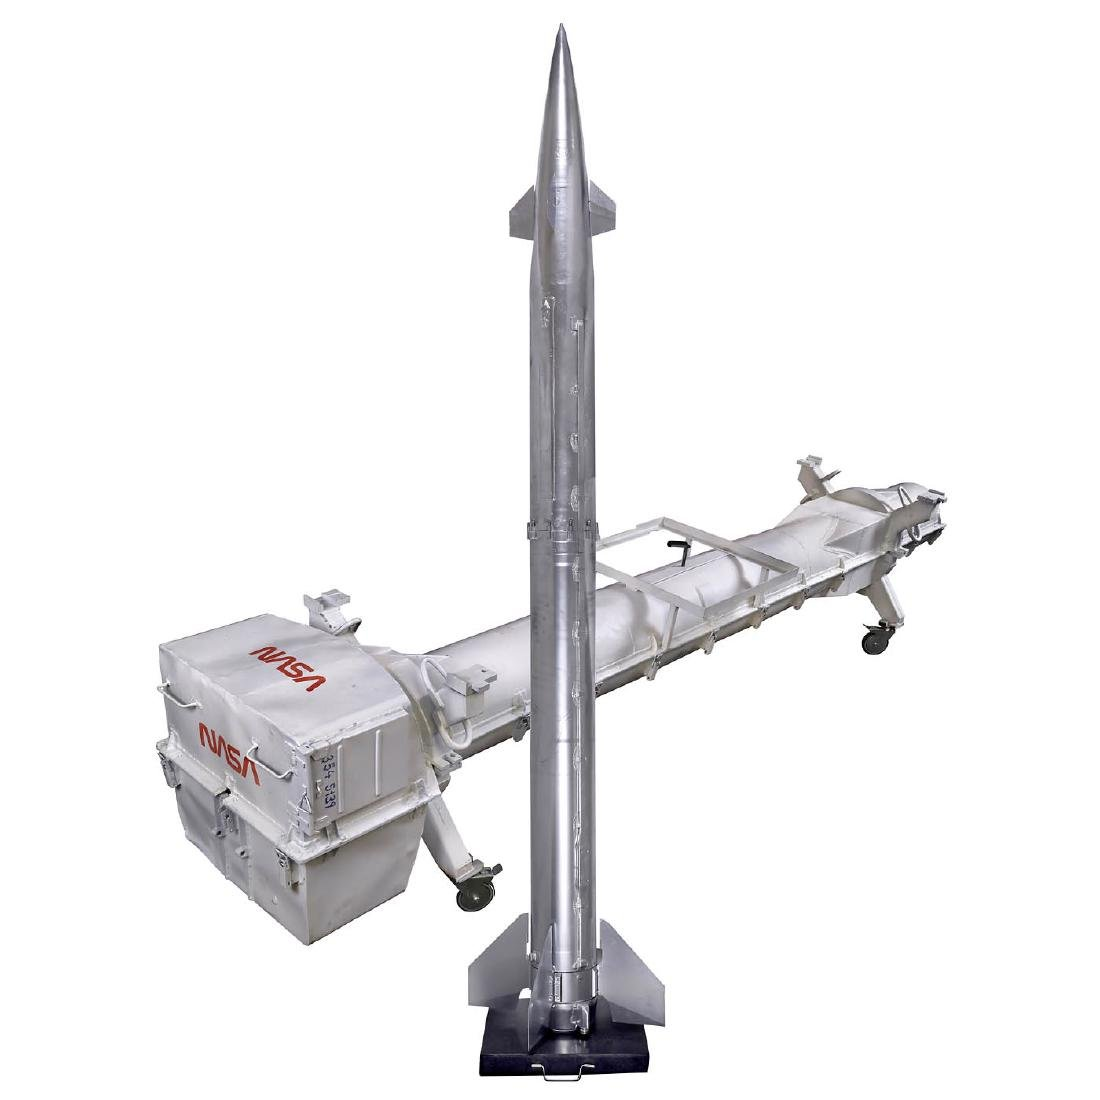 Rocket Wind Tunnel Test Model, c. 1980